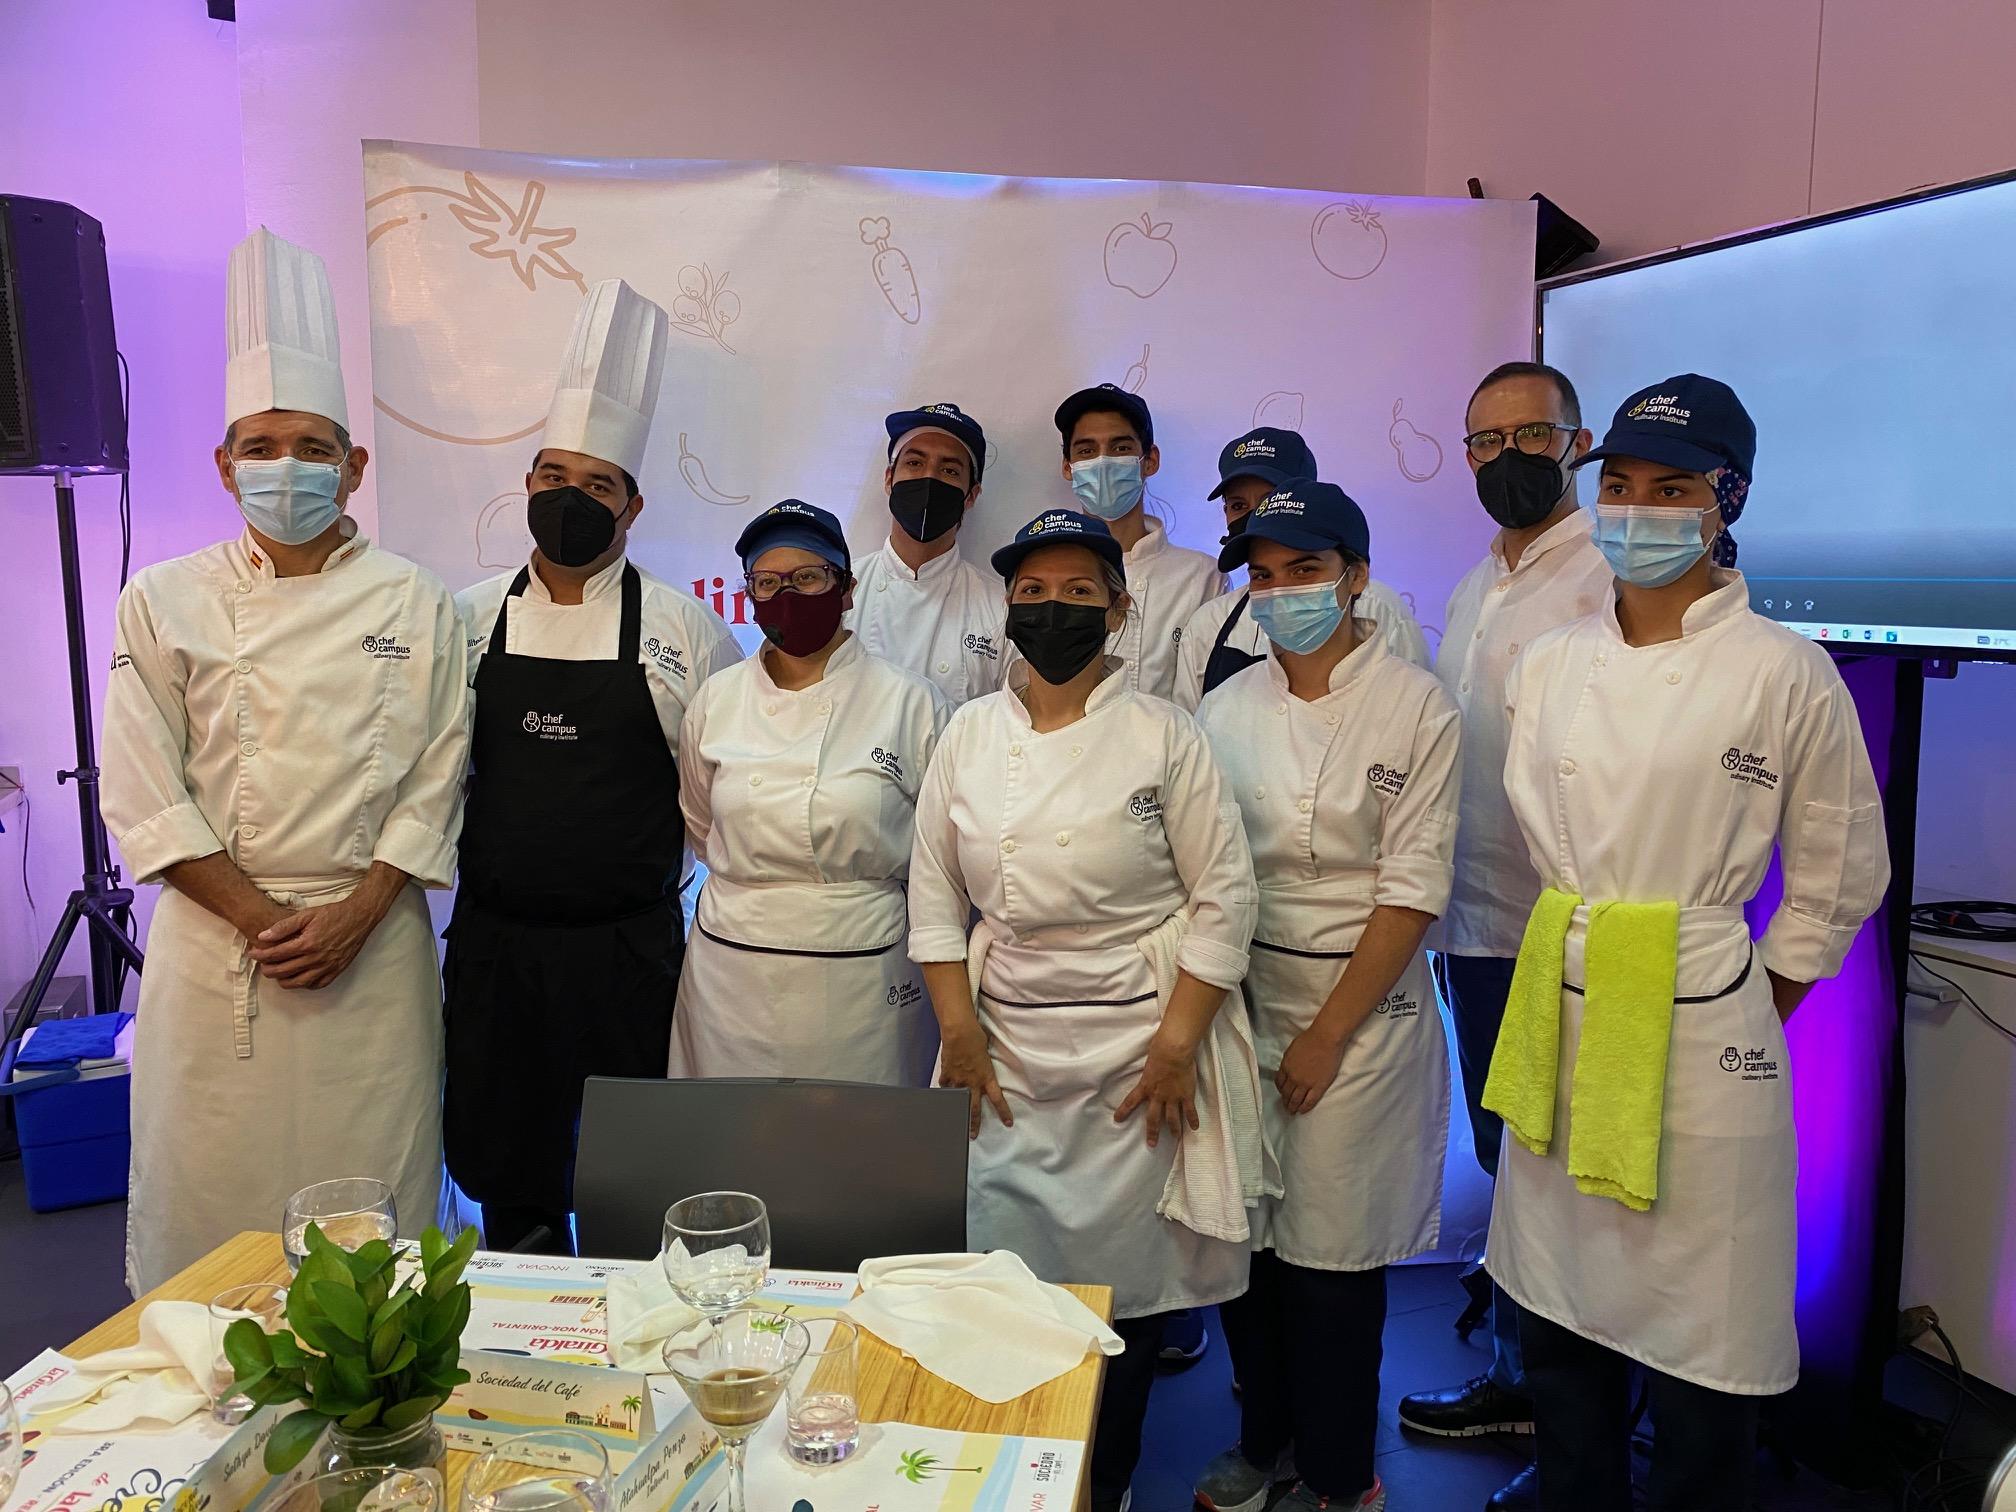 Chef Campus Culinary Institute